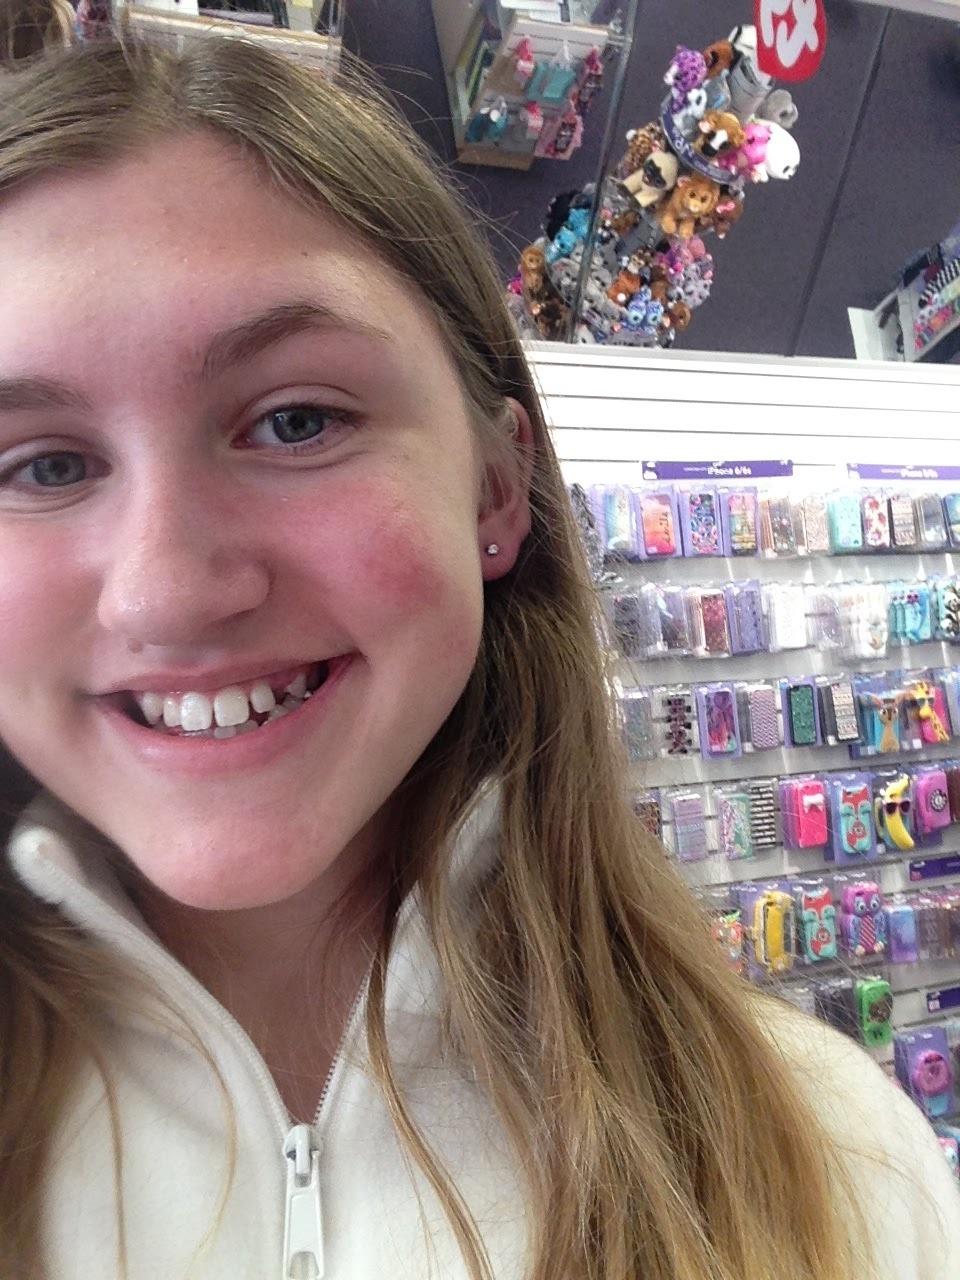 Ashlee-Ears-Pierced.jpg